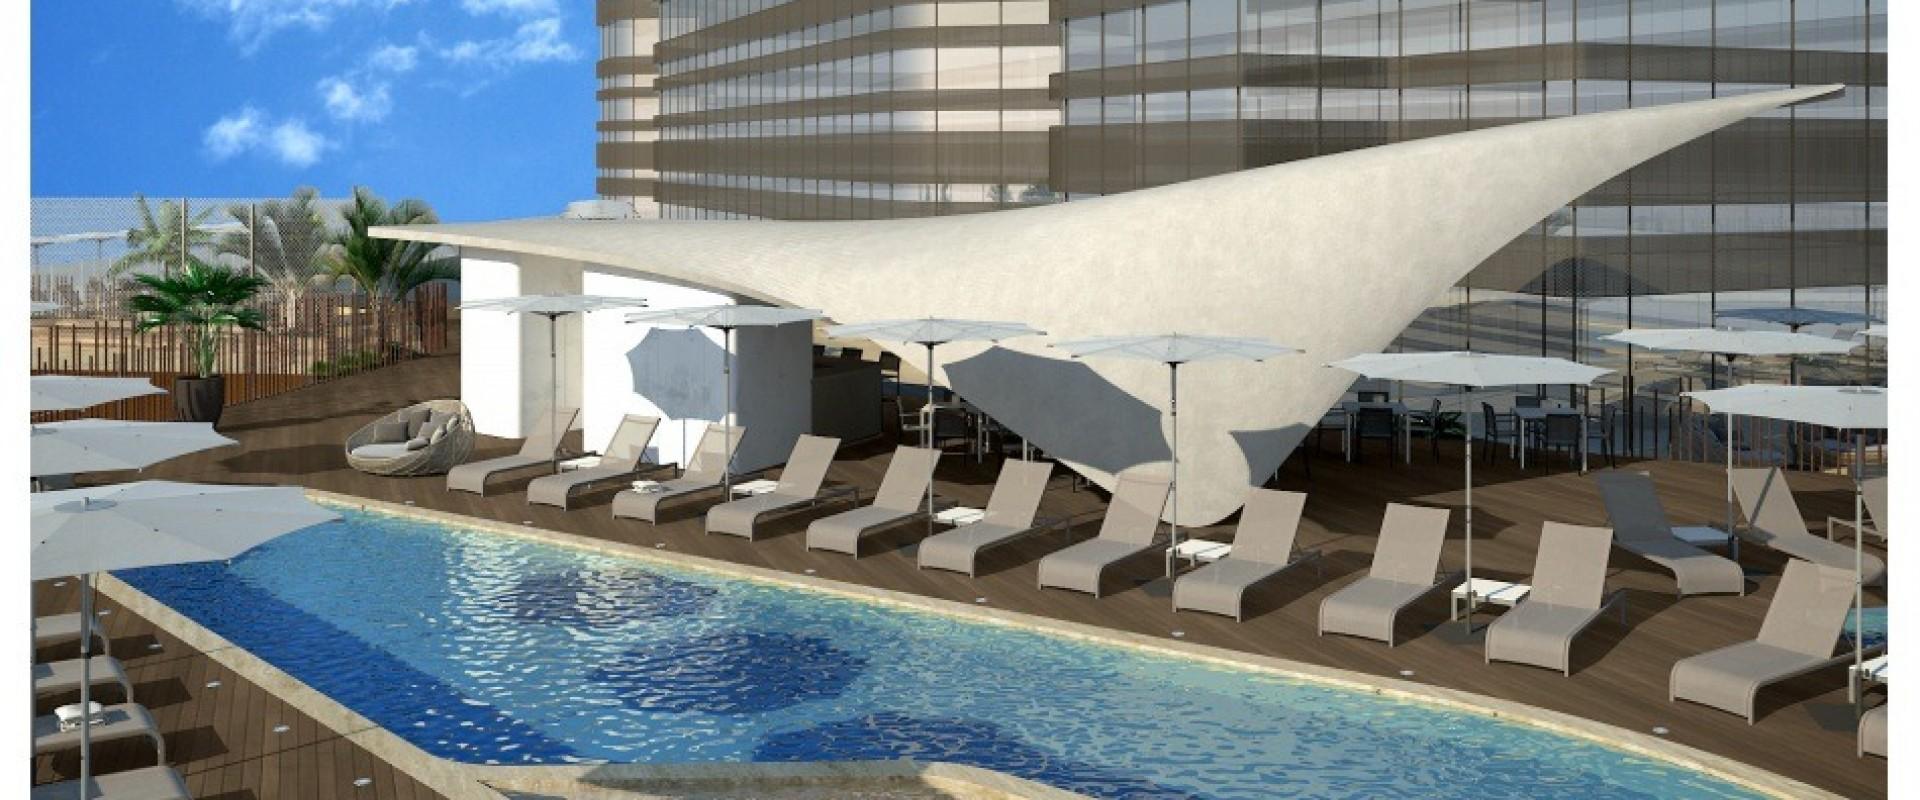 Yachthouse by Pininfarina Apartamento no Yachthouse by Pininfarina em Balneário Camboriú